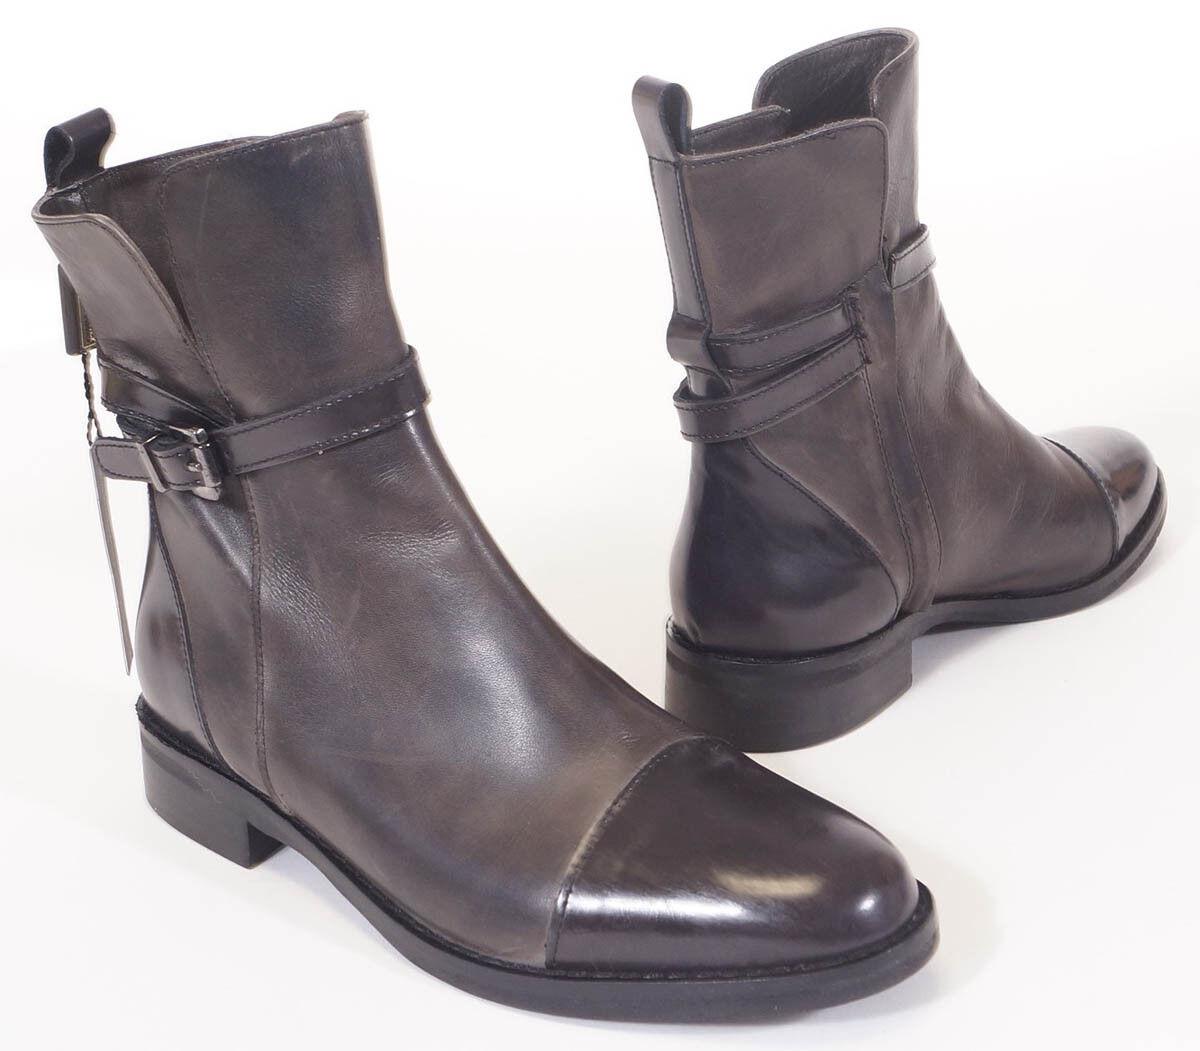 Stelle Monelle para para para mujer Negro gris Cuero Hebilla botas al tobillo Botines 37 6.5 7  Venta en línea de descuento de fábrica